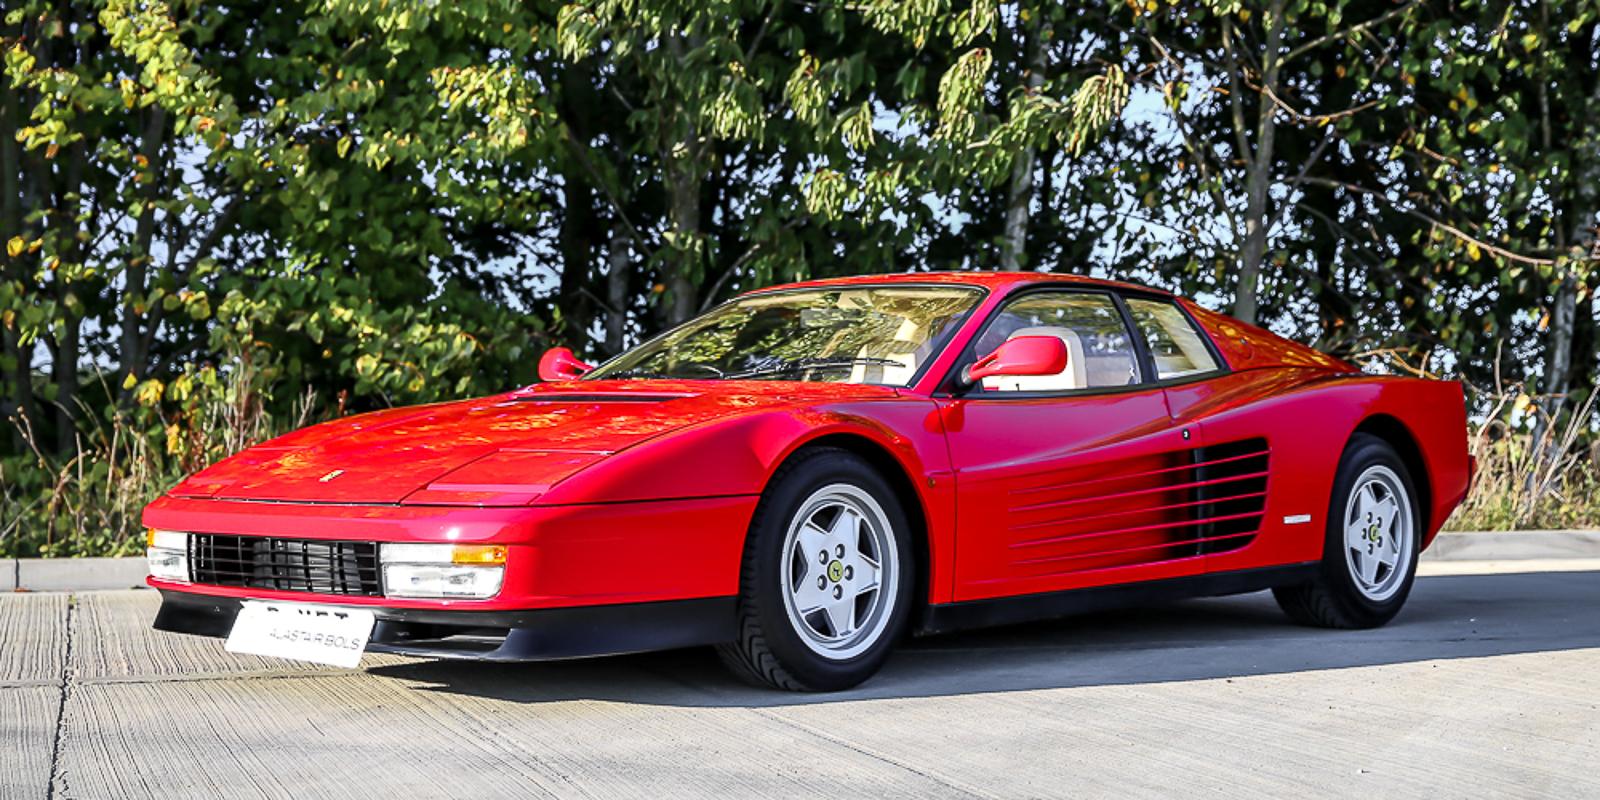 Ferrari Testarossa Rosso Corsa